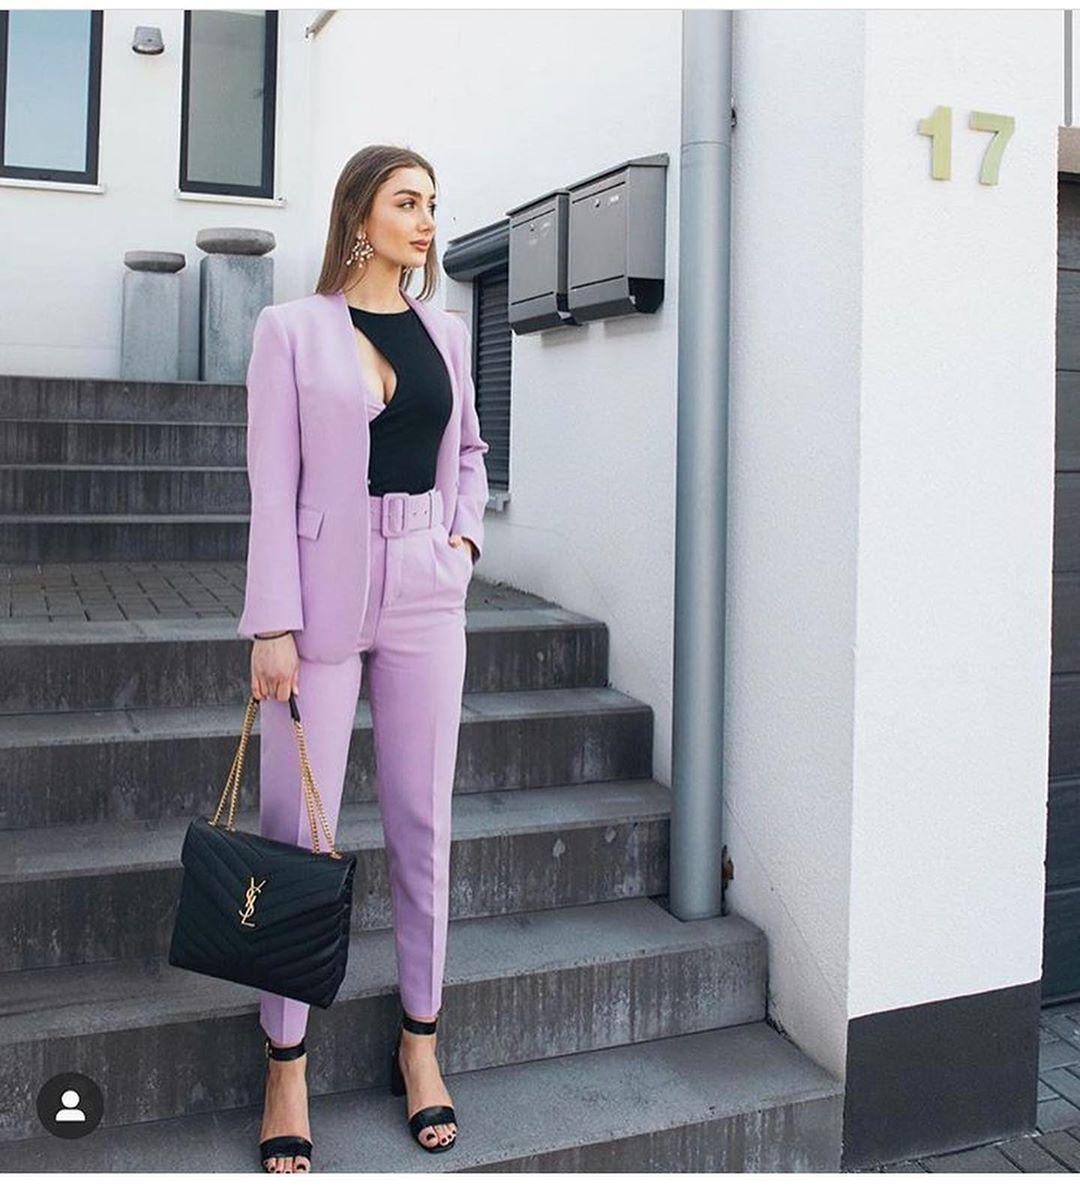 jacket with v neckline de Zara sur look_by_zara_hm